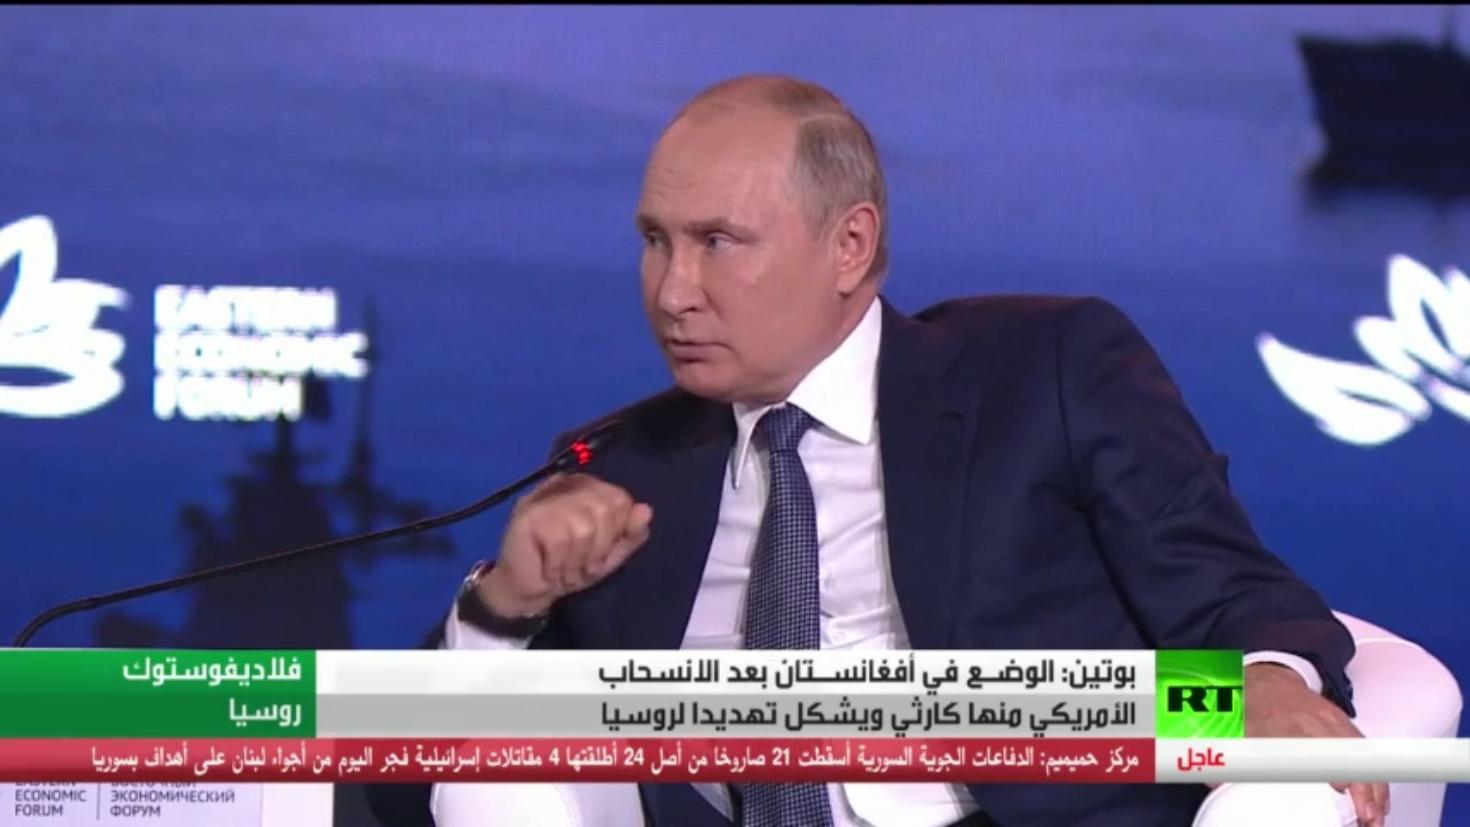 بوتين: الوضع في أفغانستان كارثي